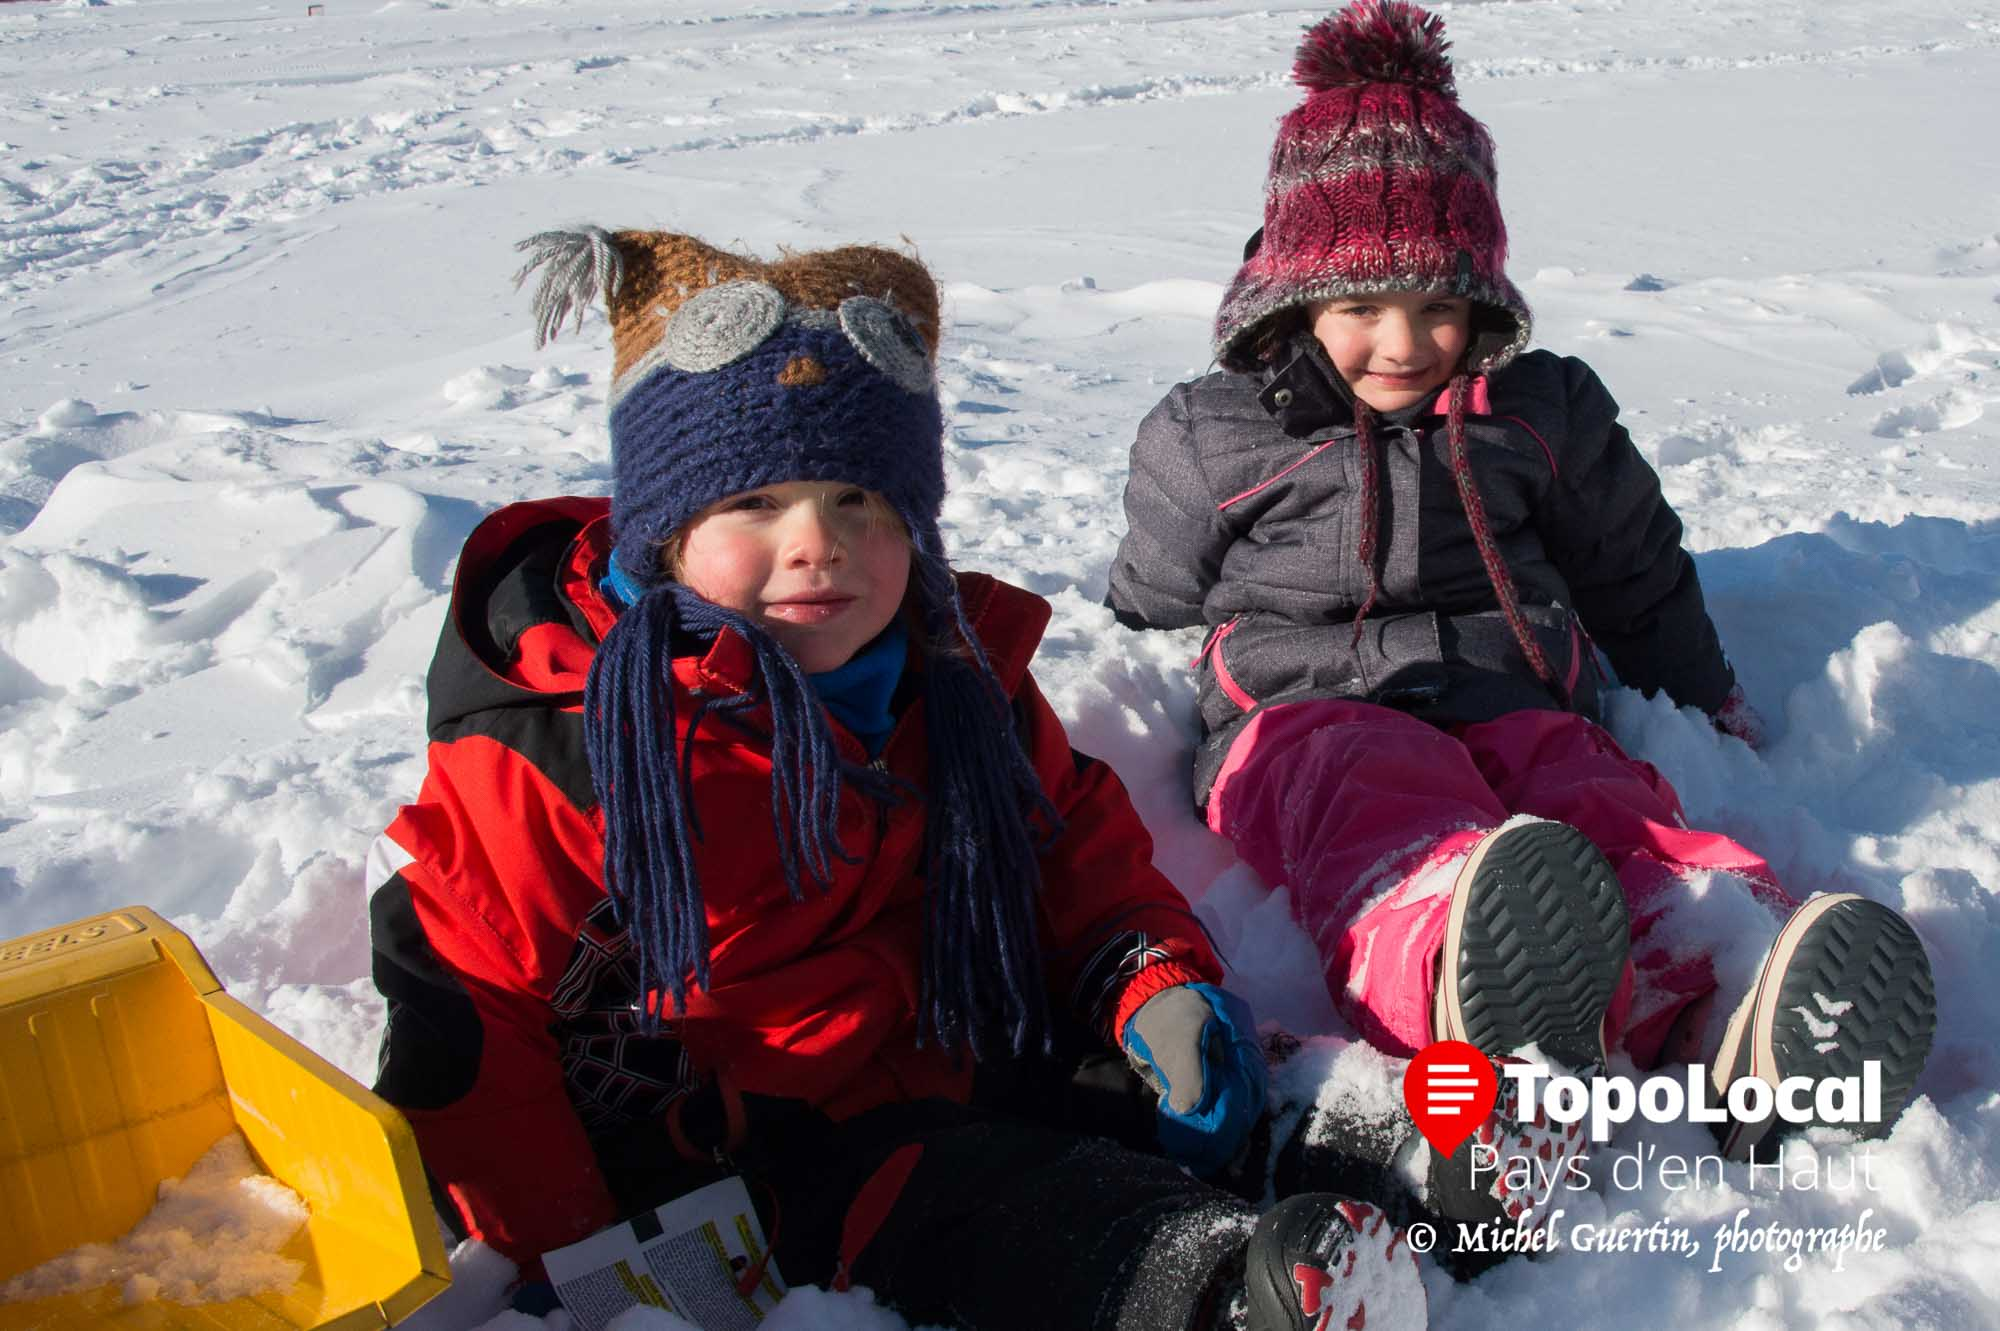 Pendant que leurs parents prenaient part à la curse, ces deux jeunes mousses se sont amusé dans la neige sans souffrir du froid sous la surveillance des grands parents.